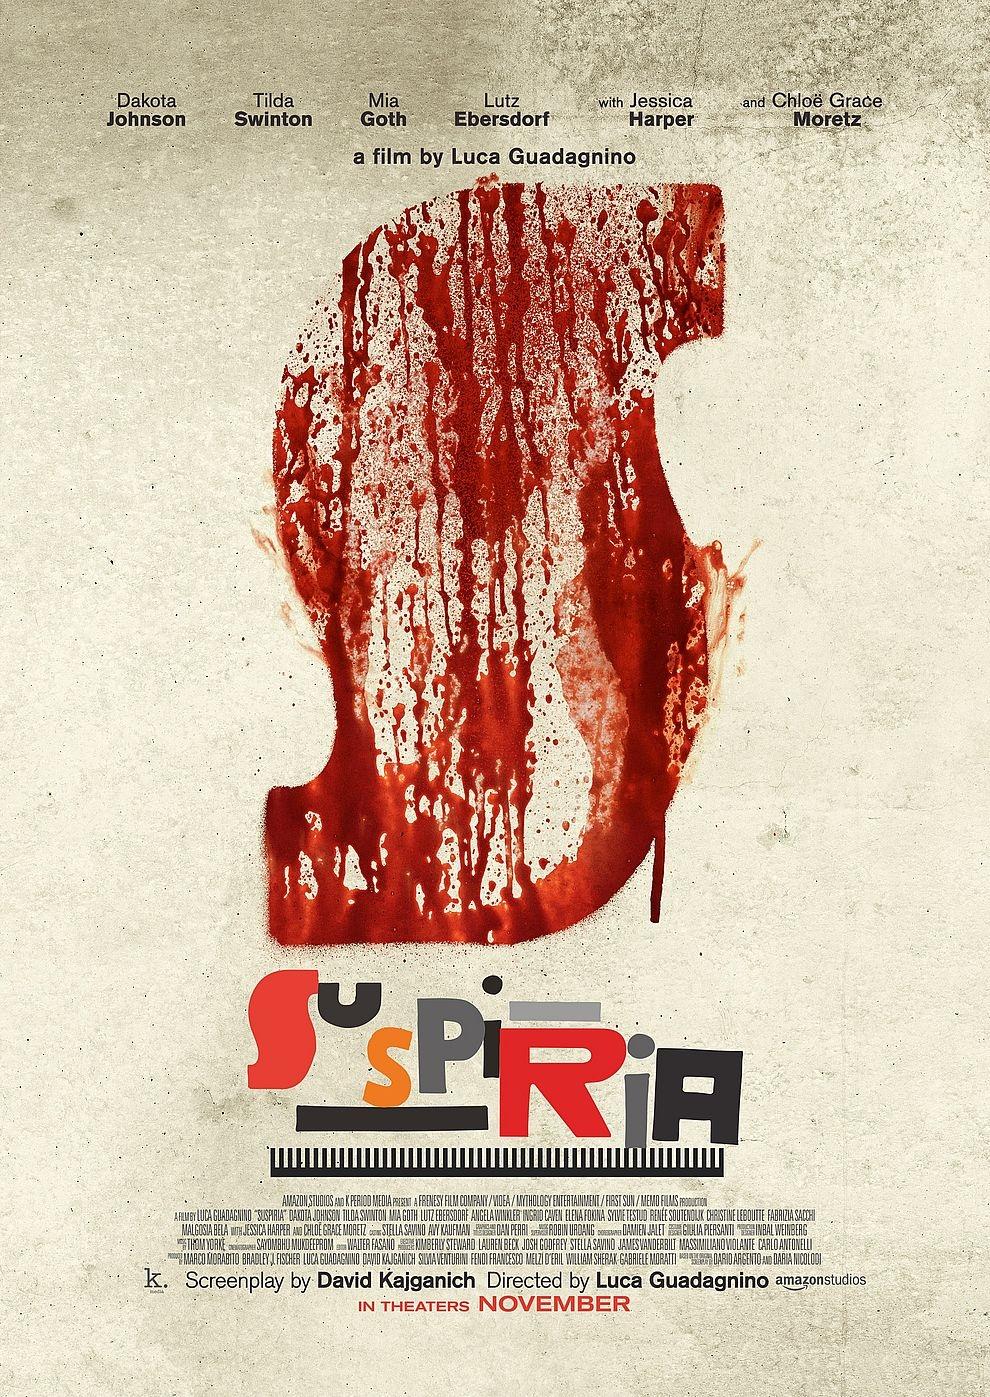 Suspiria (2018) (Poster)